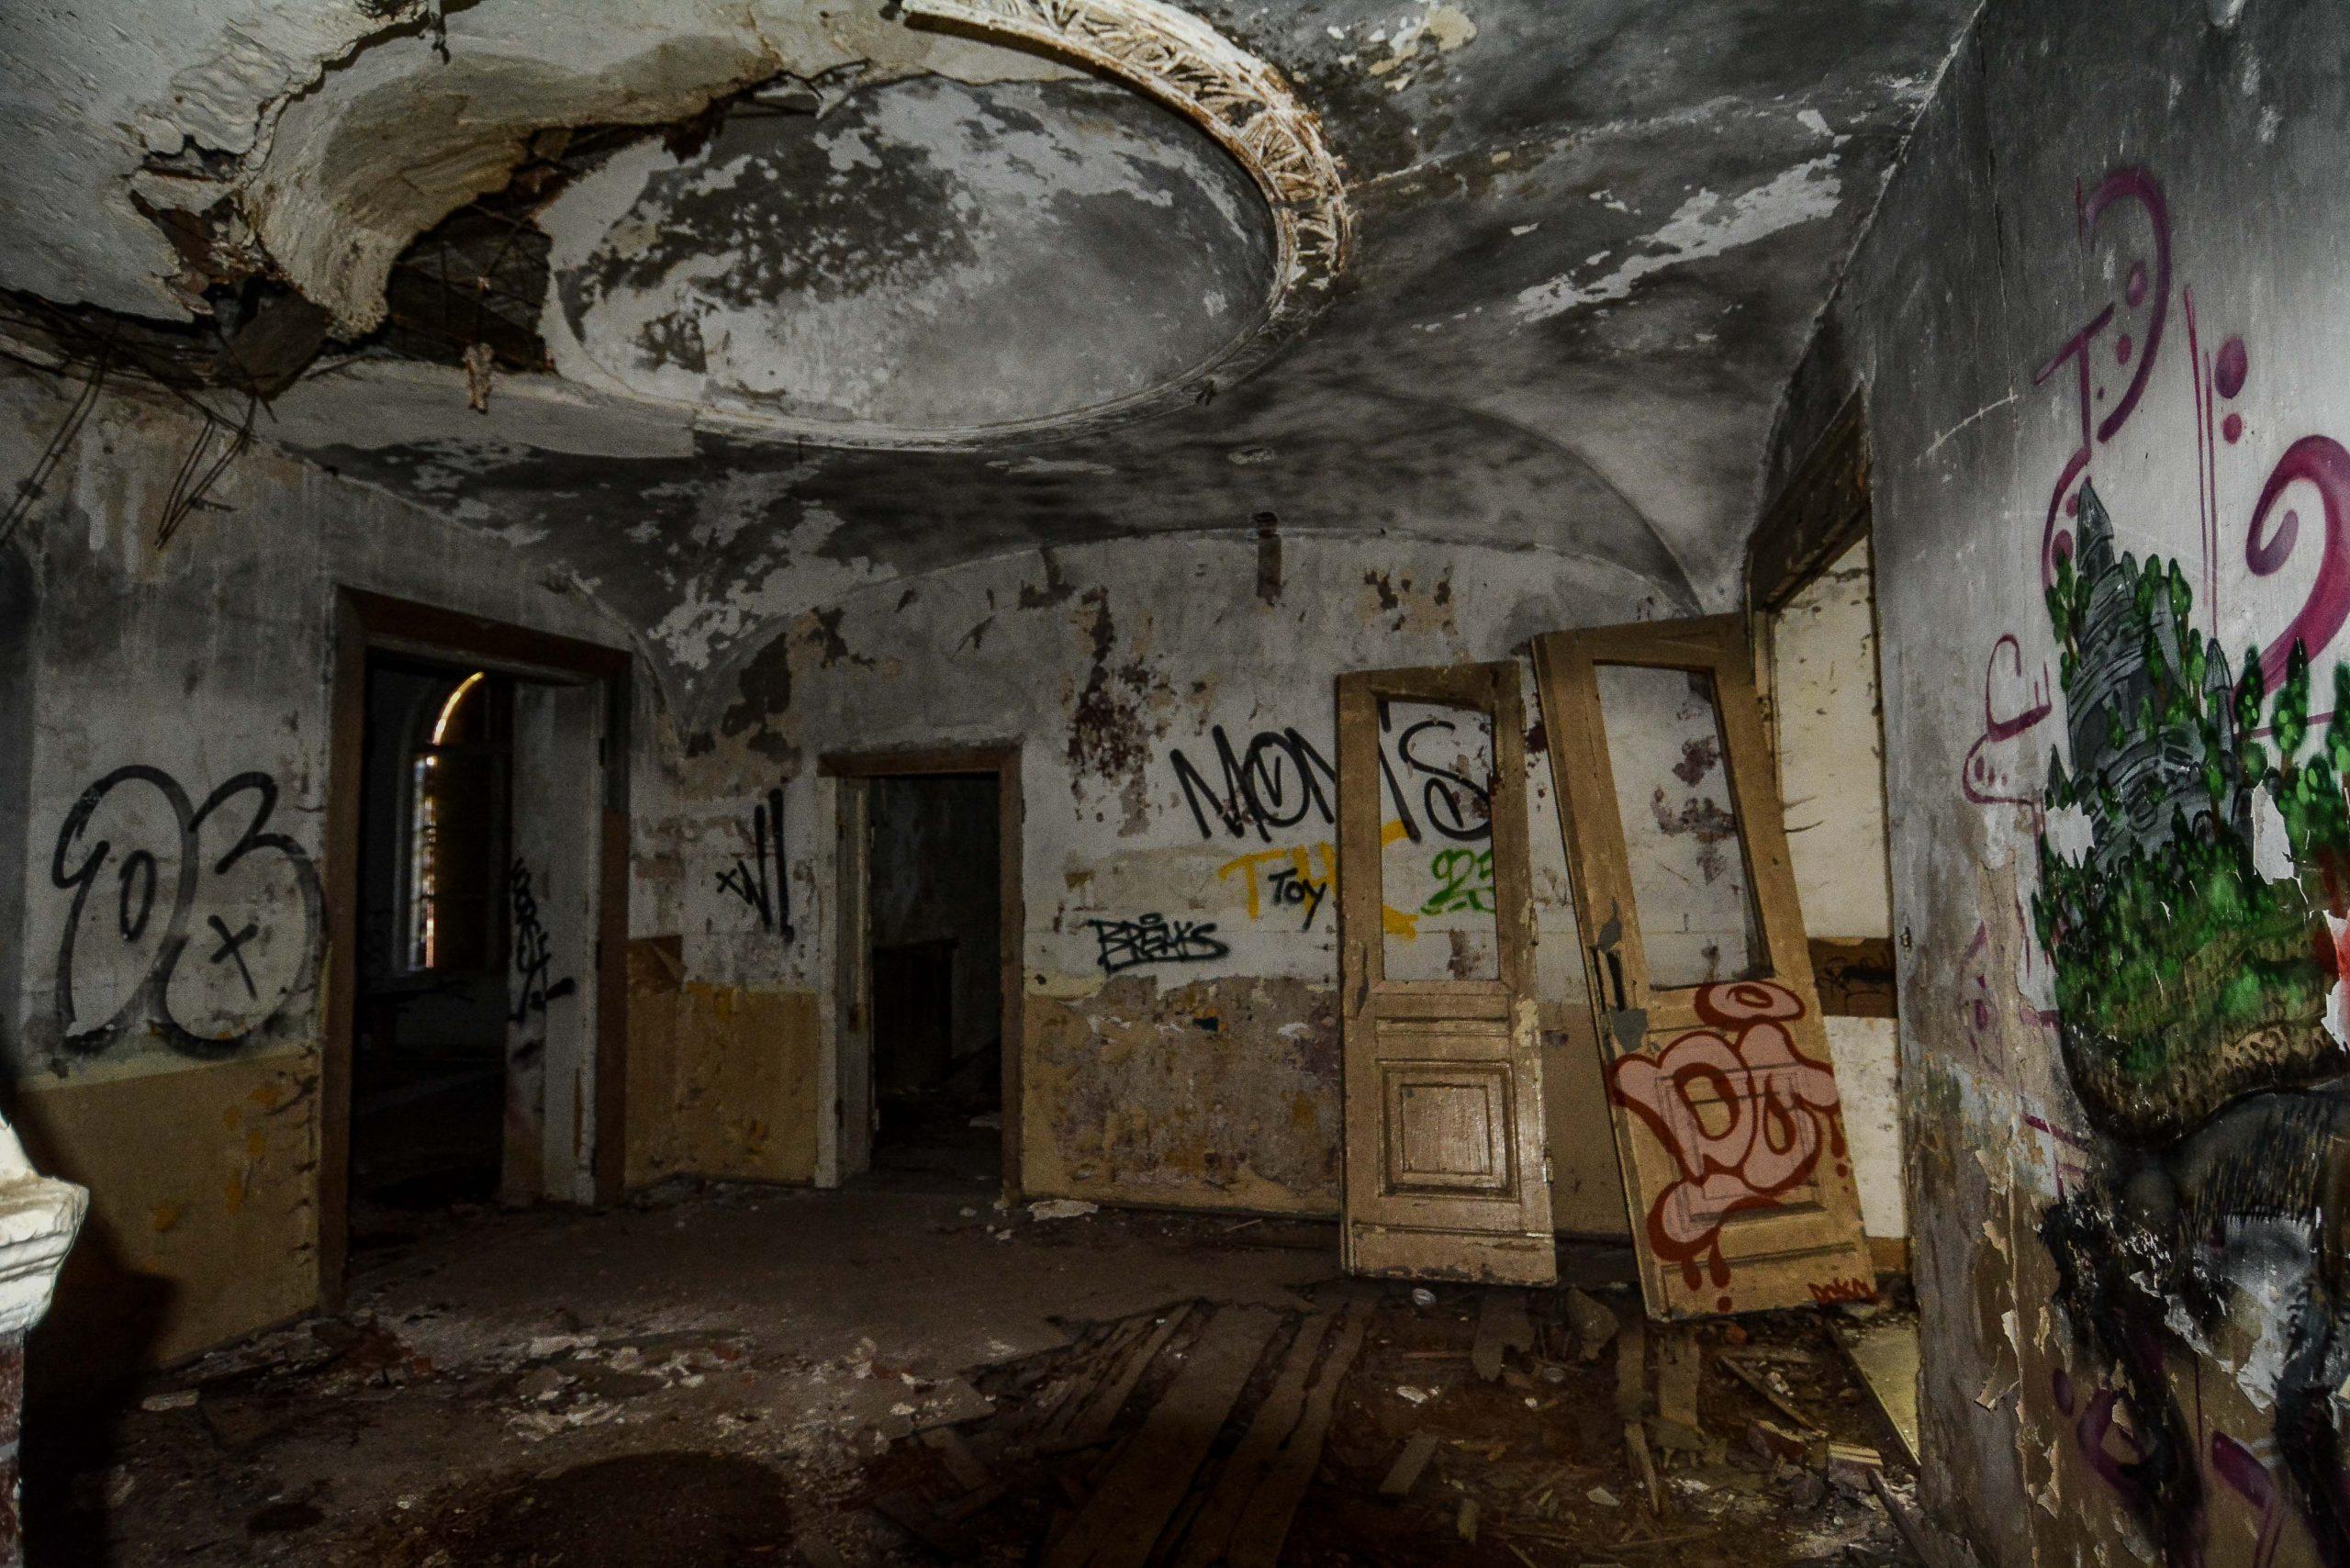 eingang innen architektur historischer orientalismus herrenhaus gentzrode lost places brandenburg neuruppin gut gentzrode ost deutschland urbex abandoned